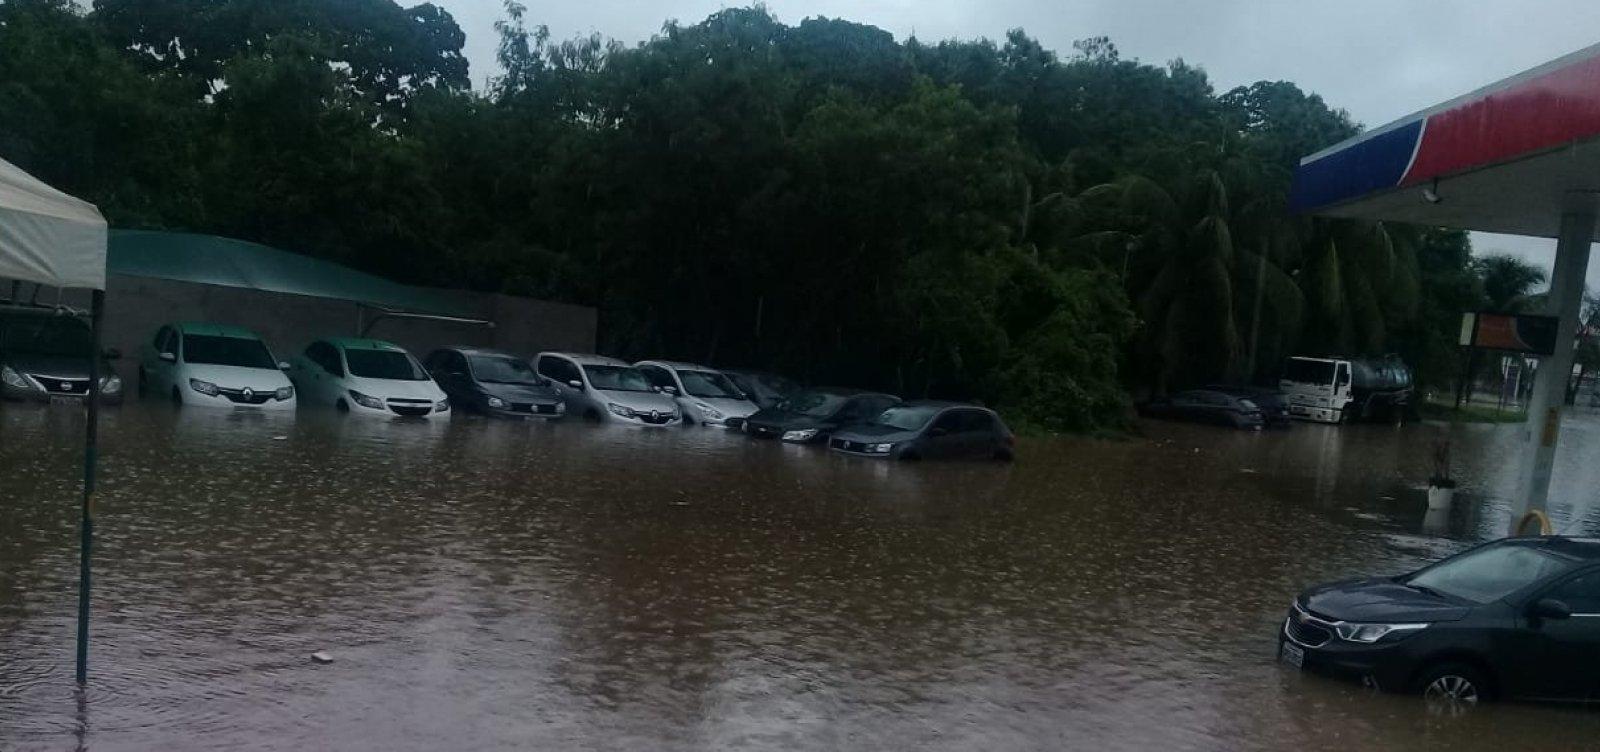 Após chuvas, prefeitura decreta situação de emergência em Lauro de Freitas